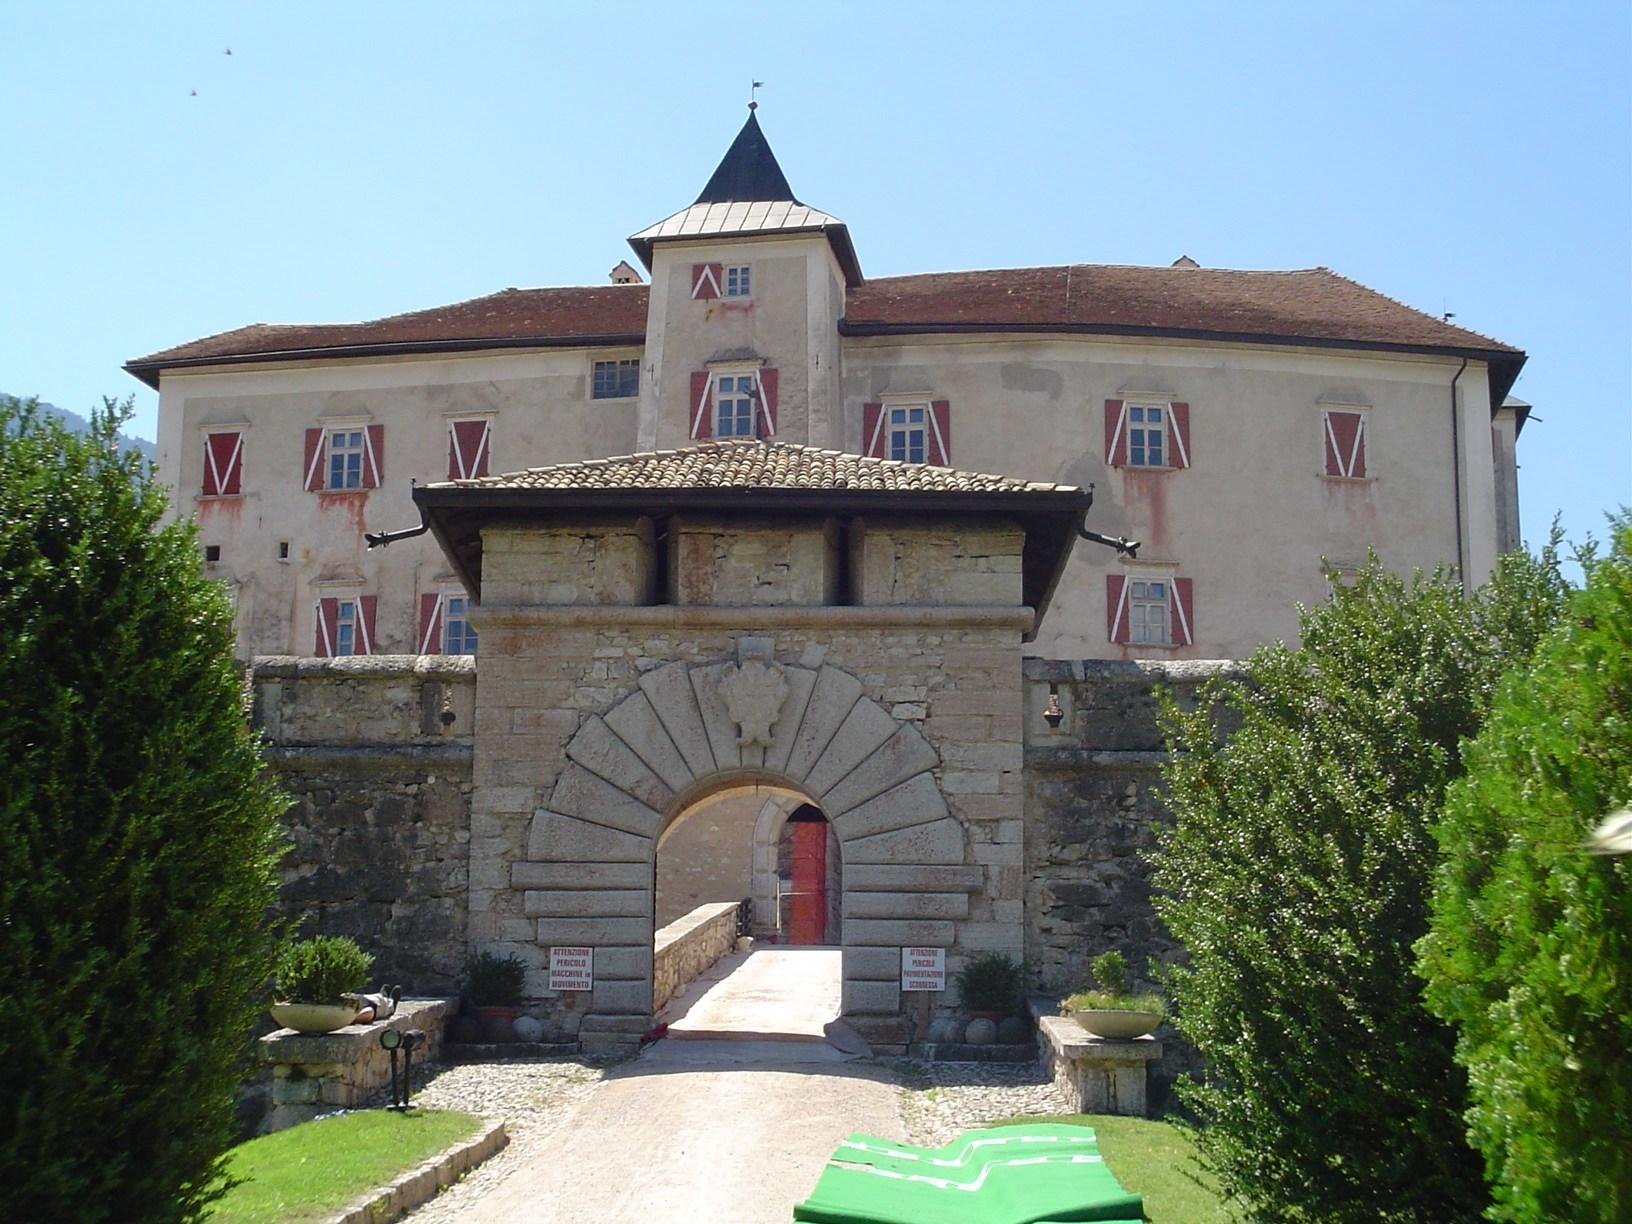 Desiderate pedalare lietamente dal Pineta a Castel Thun. Prenotatevi in reception e ... buon giro! (foto da castlesin theworld.wordpress.com)